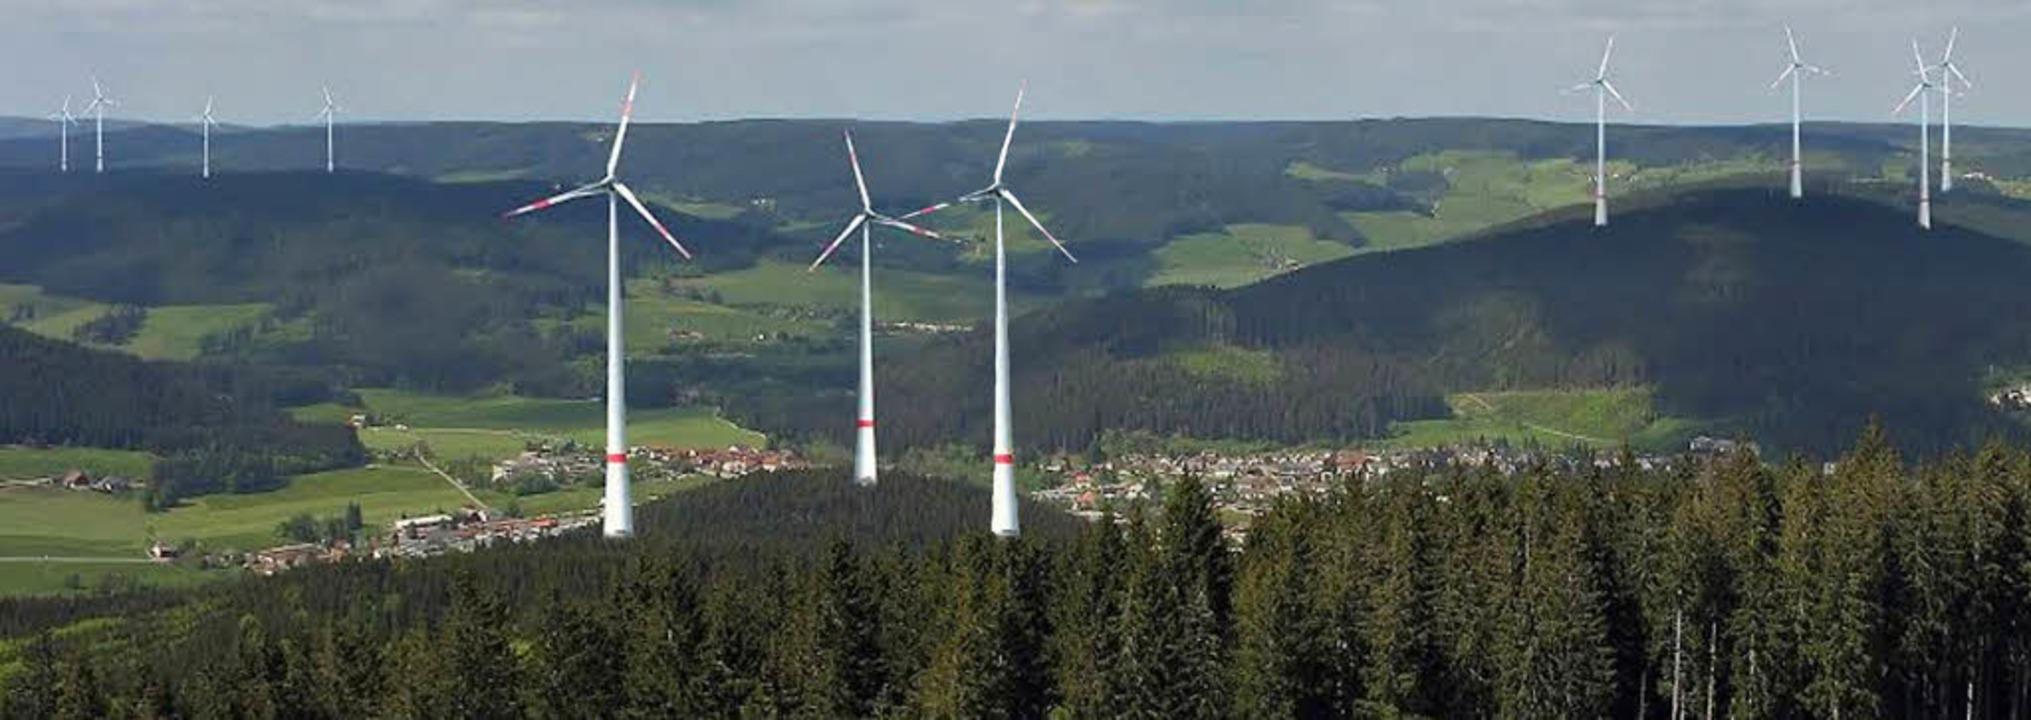 Diese Visualisierung hat die Bürgerini...rechts) und Wintersberg (links) kämen.  | Foto: FotoMontage: Landschaftsarchitekt Dipomingenieur Ulrich Bielefeld